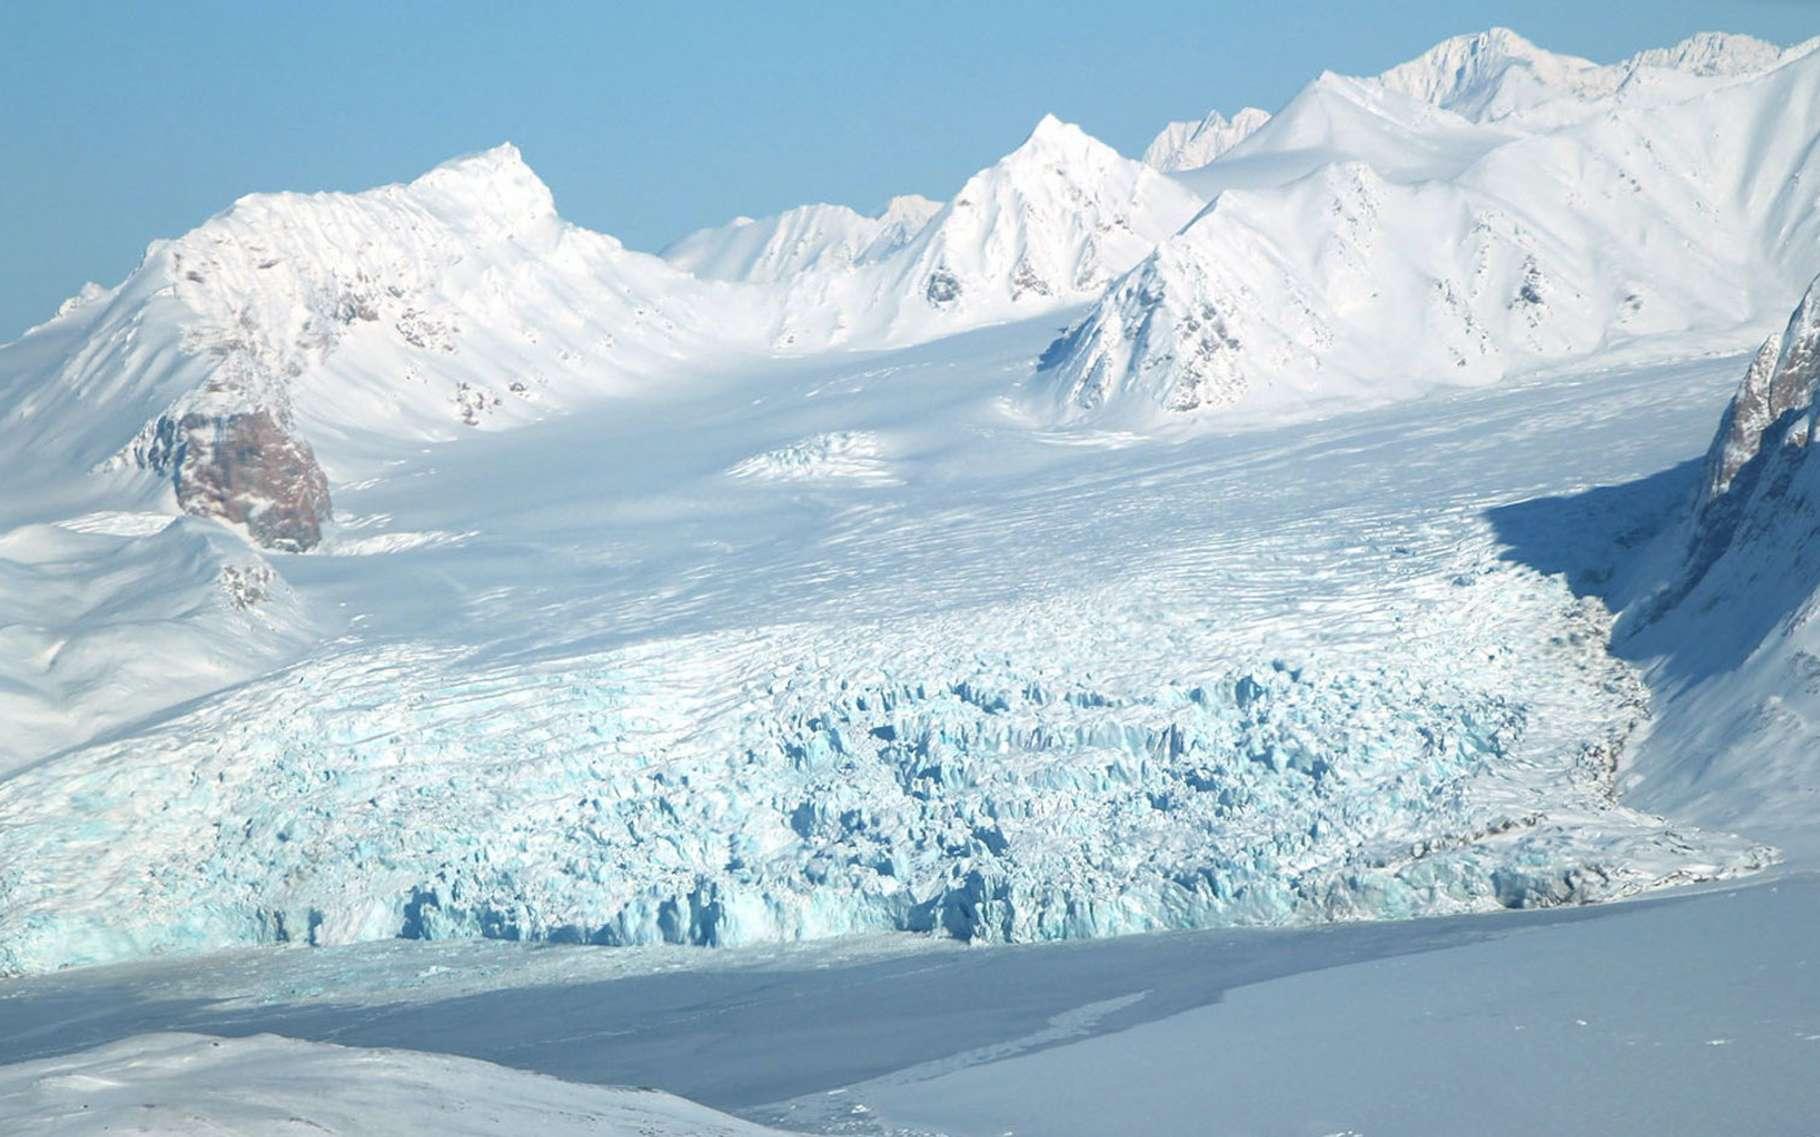 Ce glacier se trouve dans la région de l'archipel norvégien du Svalbard, l'une des sept régions dans lesquelles la fonte des glaces s'accélère, provoquant l'épuisement des ressources en eau douce. © John Sonntag, Nasa